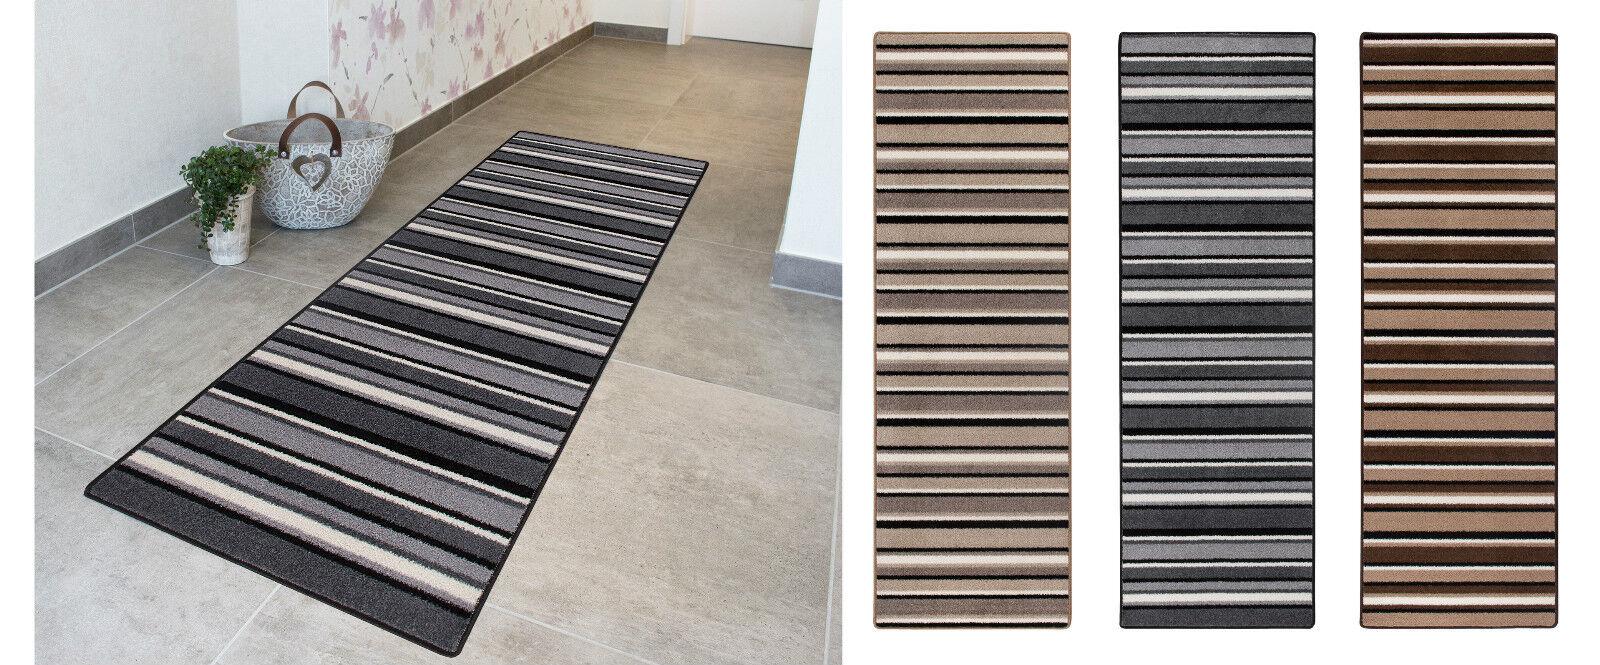 Läufer Brücke Küchenläufer Teppich Läufer Beige Braun, Schwarz Weiß,  Beige Grau